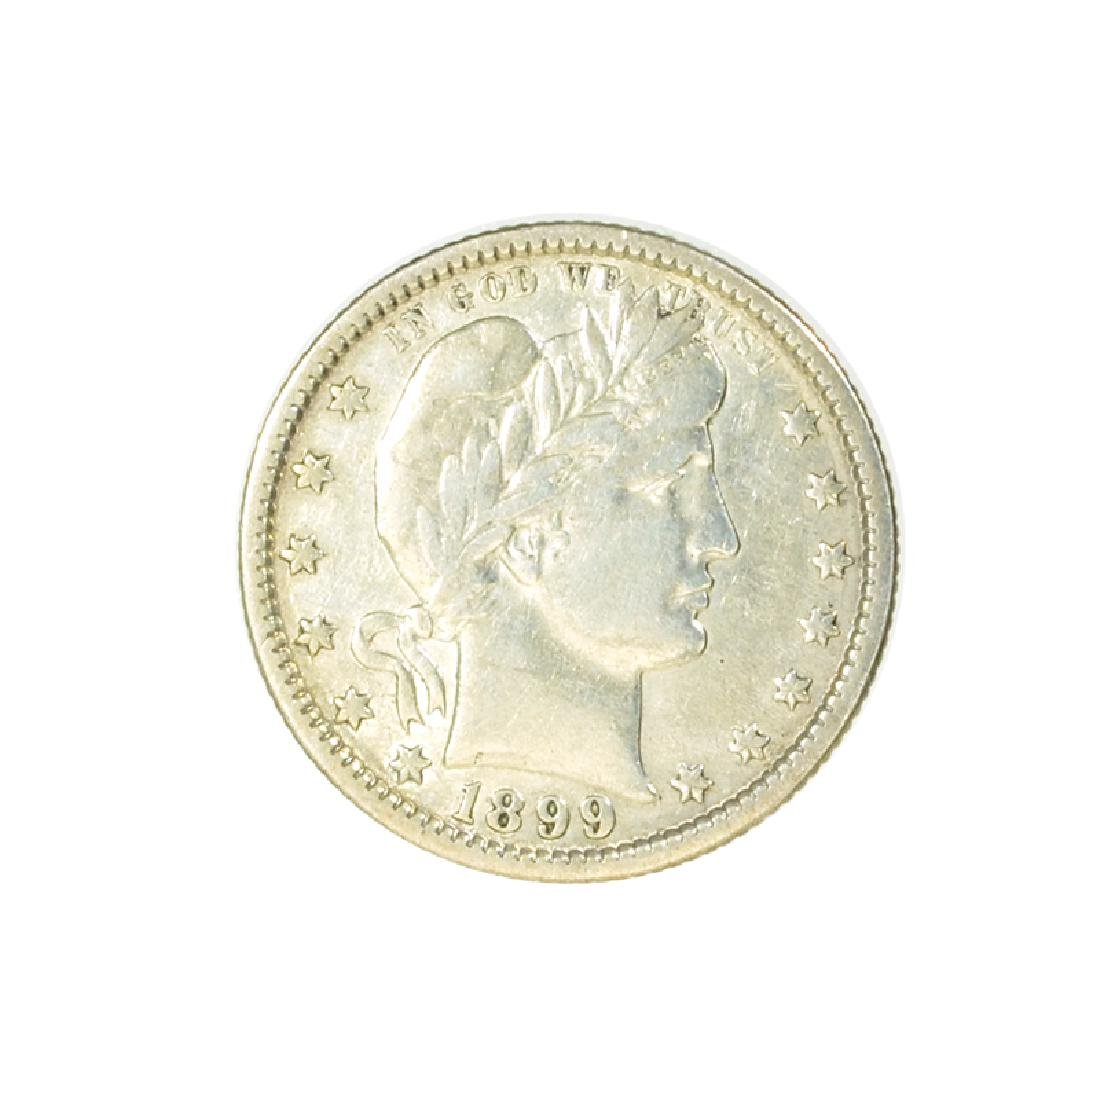 1899-O Barber Head Type Quarter Dollar Coin